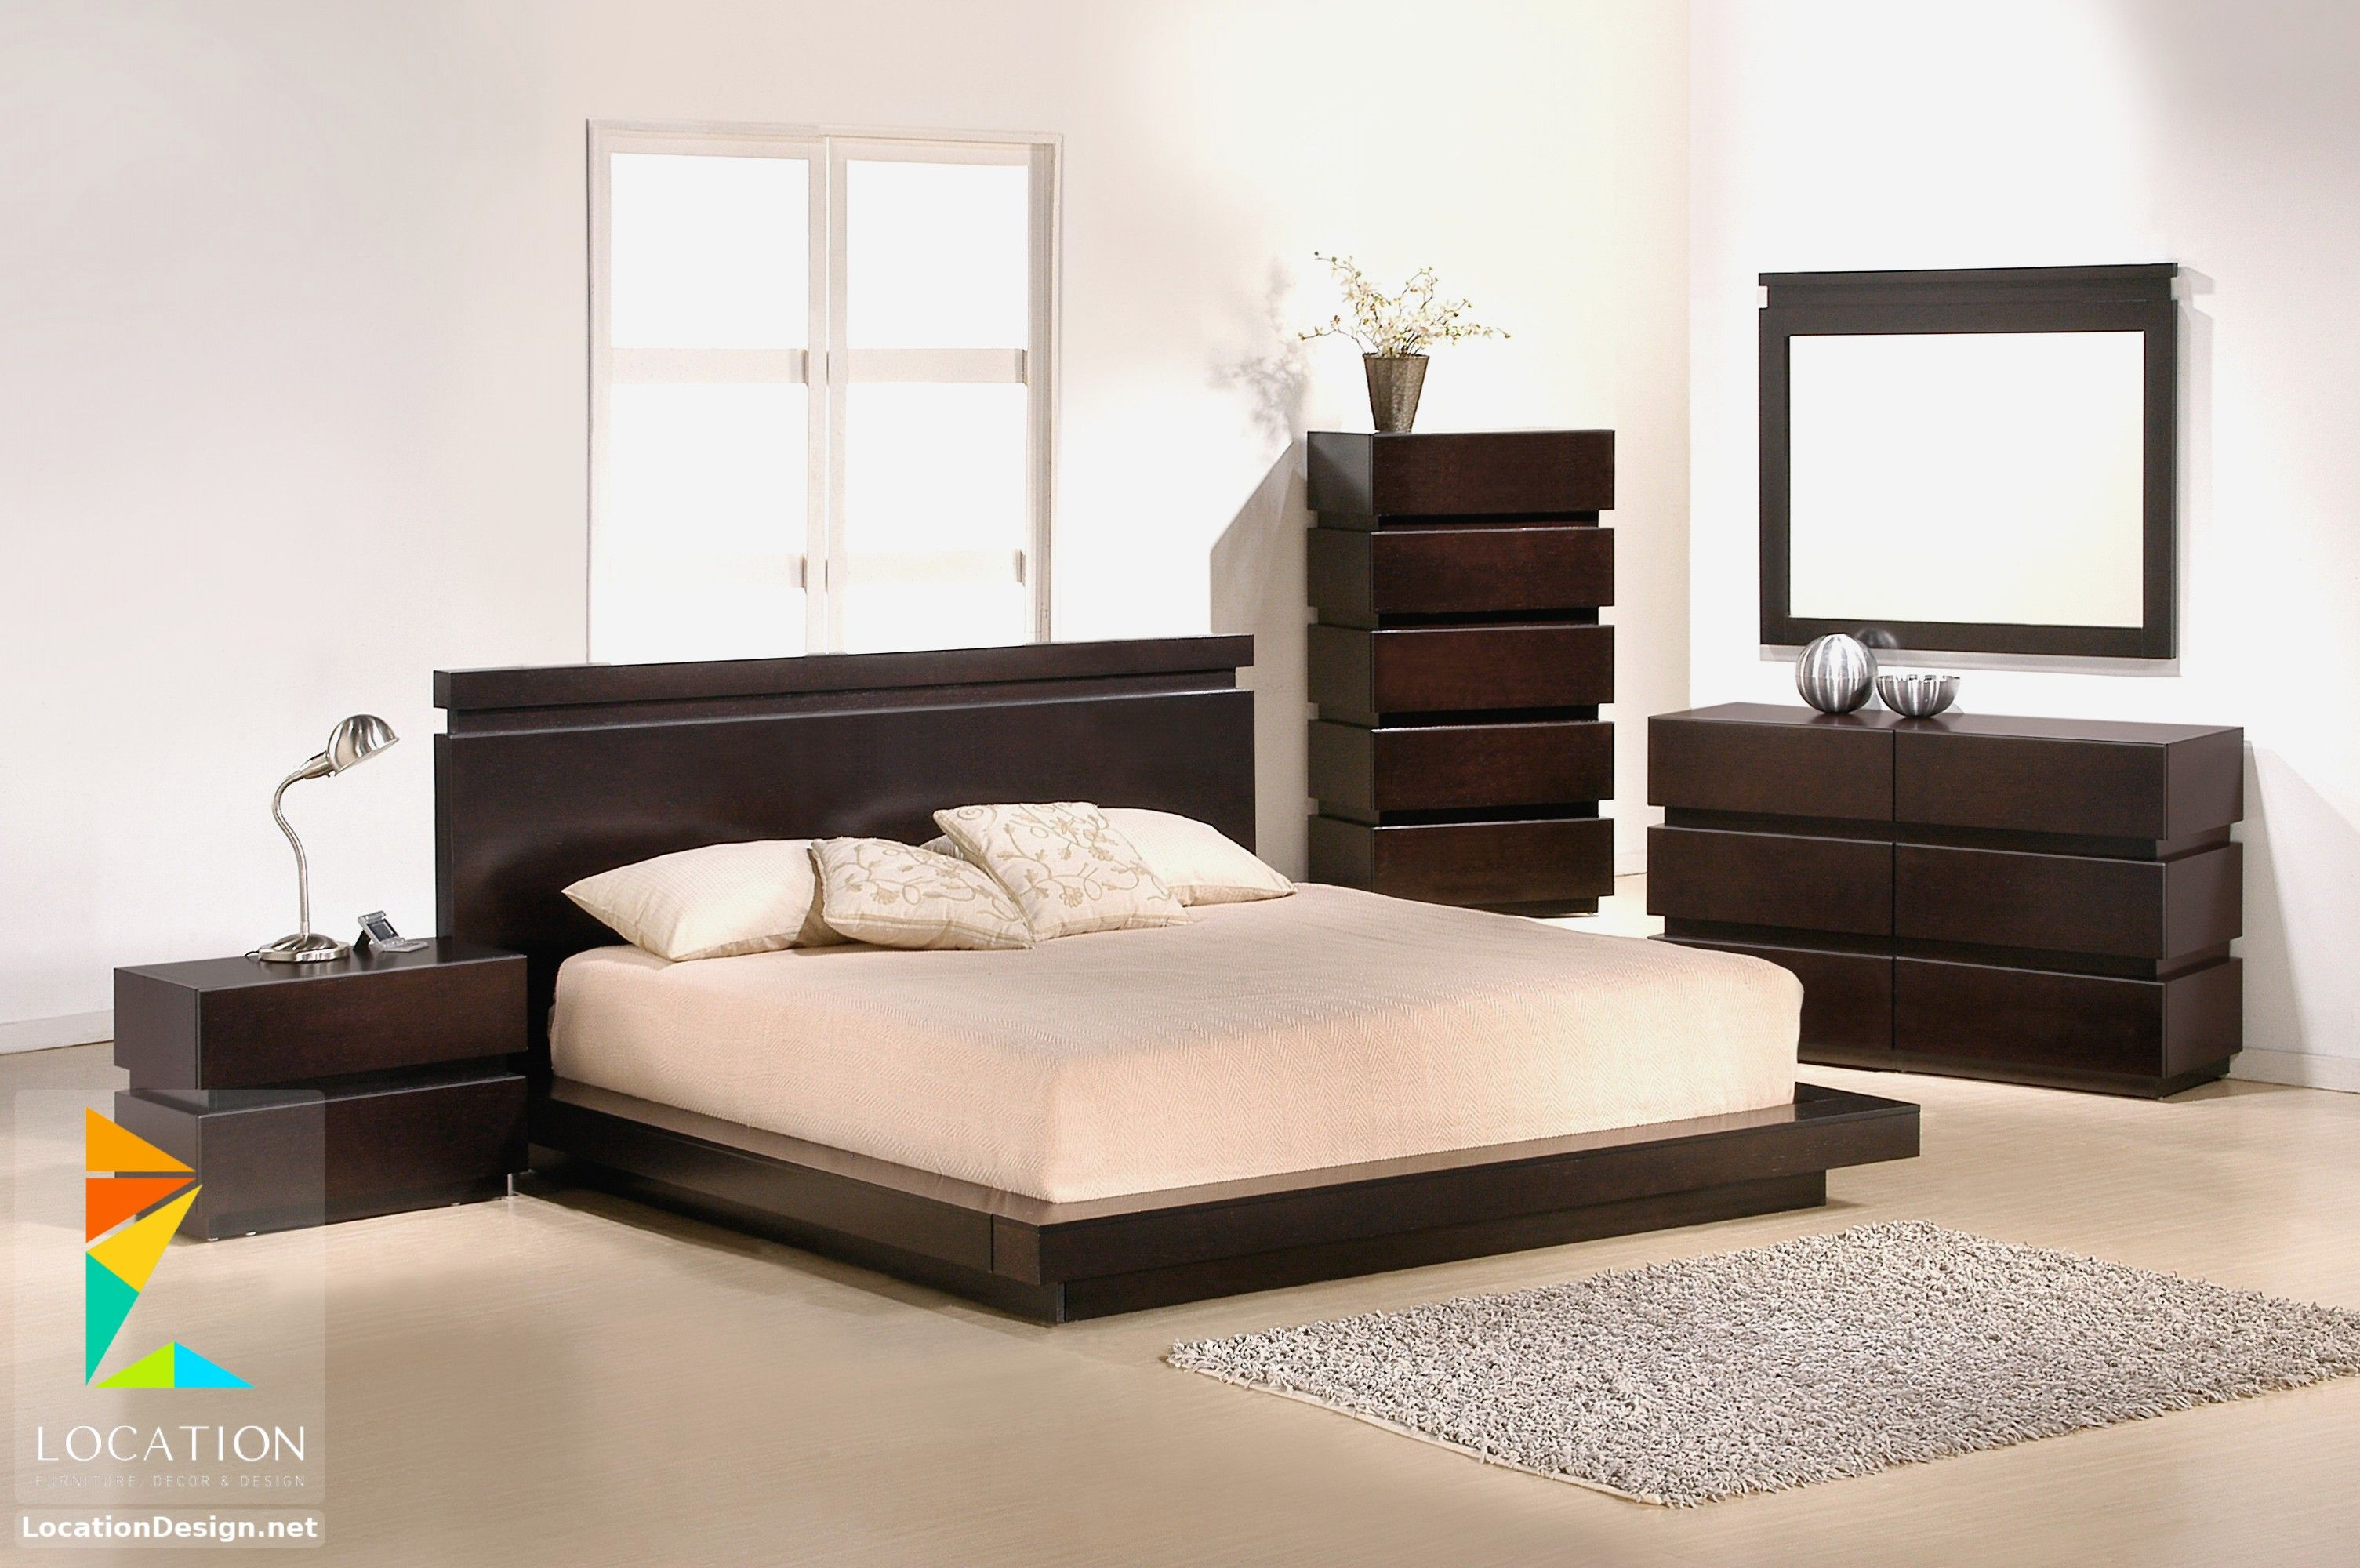 ديكورات غرف نوم صغيرة وبسيطة لوكشين ديزين نت Platform Bedroom Sets Modern Bedroom Furniture Sets Modern Bedroom Set